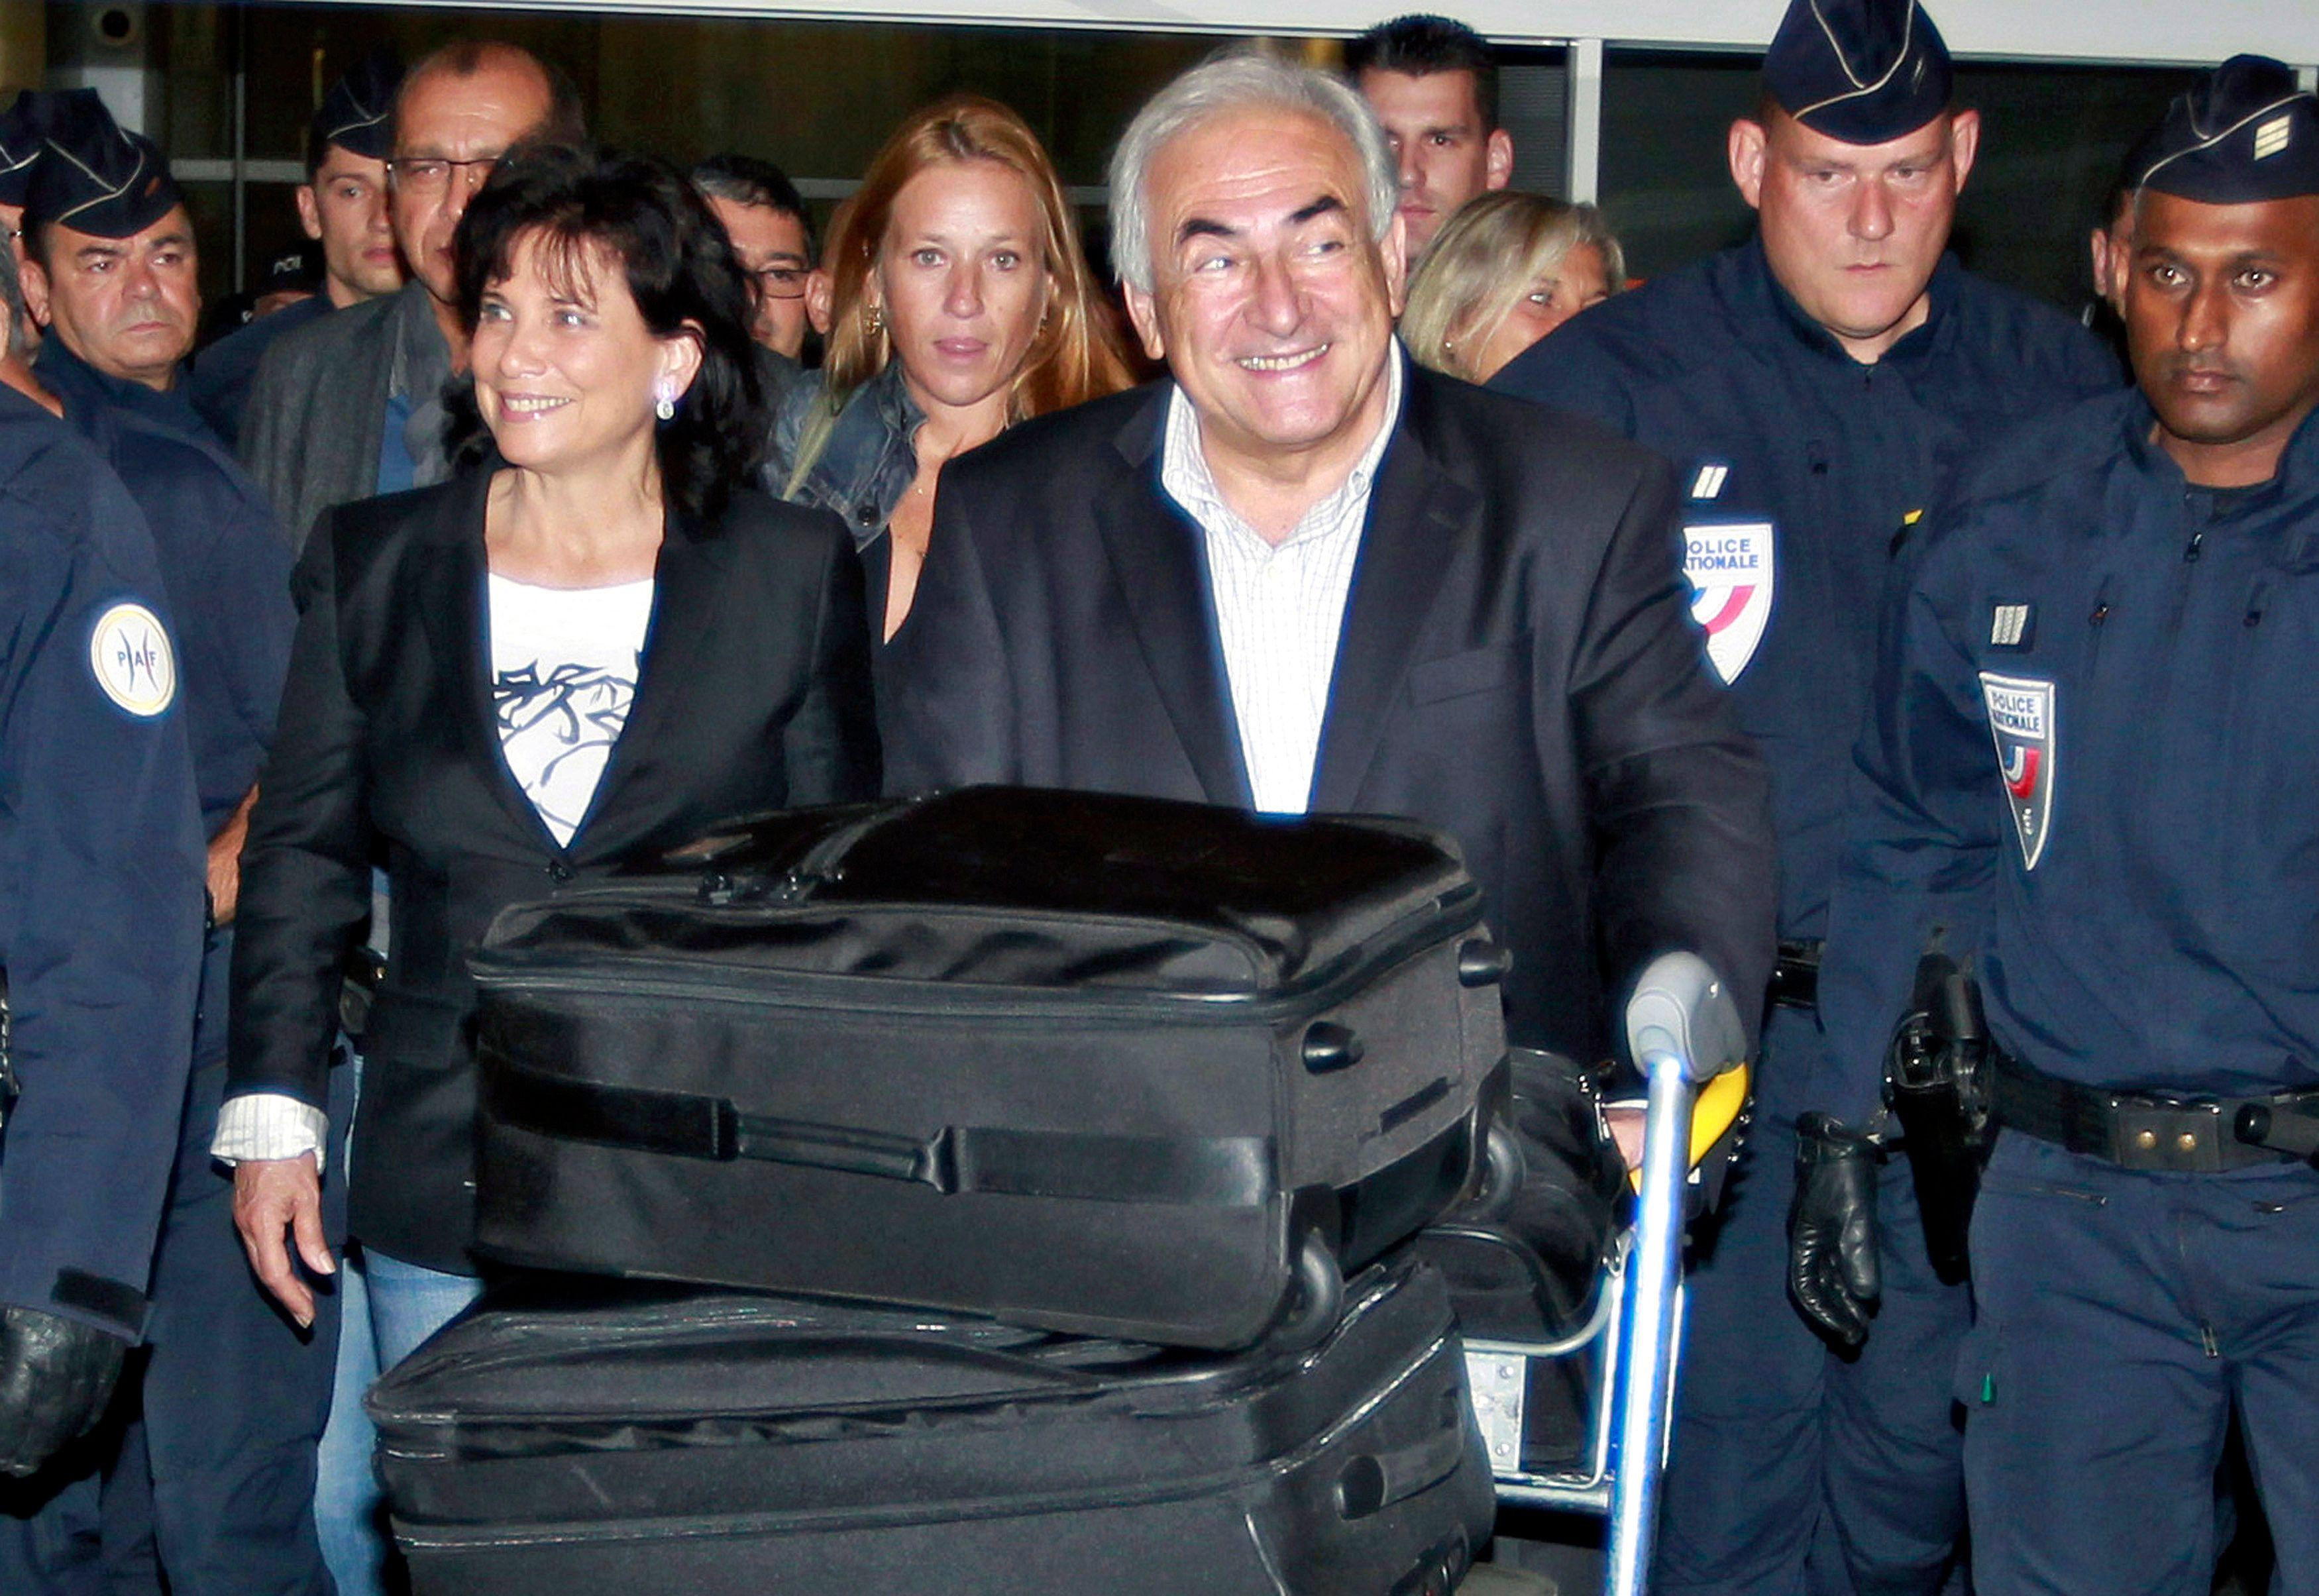 DSK et Anne Sinclair ont fait leur grand retour en France ce dimanche.